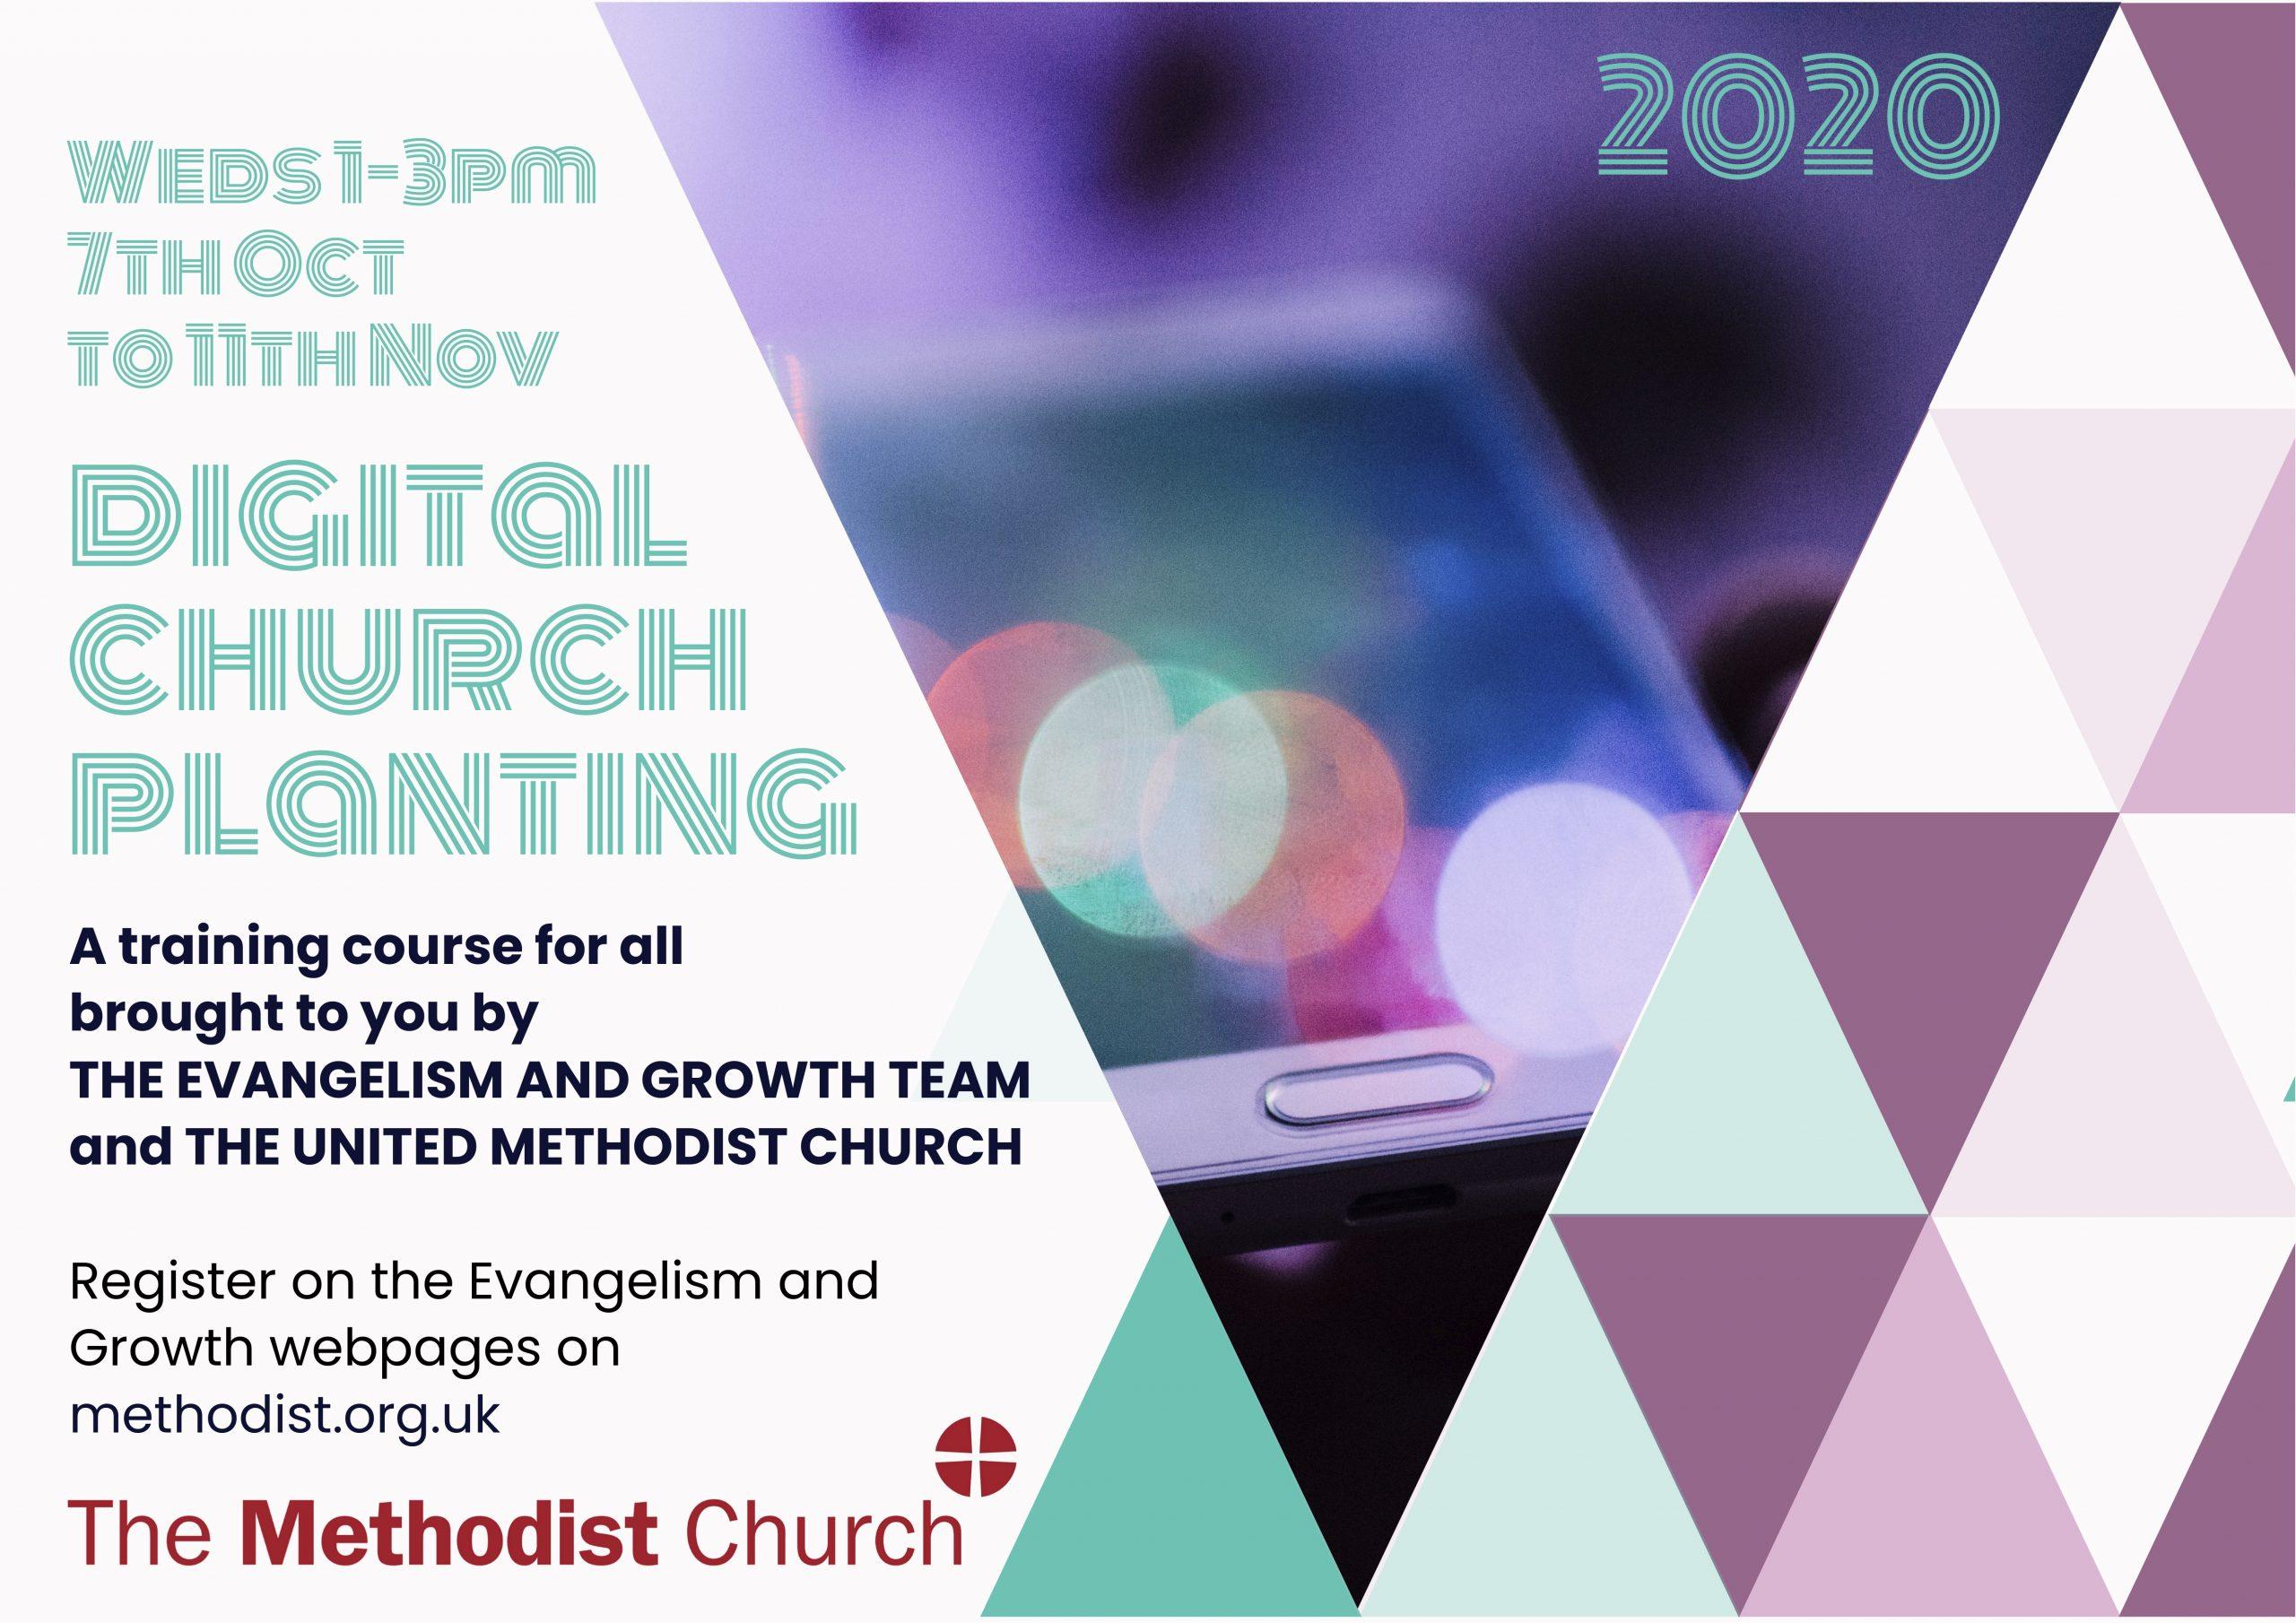 Digital Church Planting Flyer